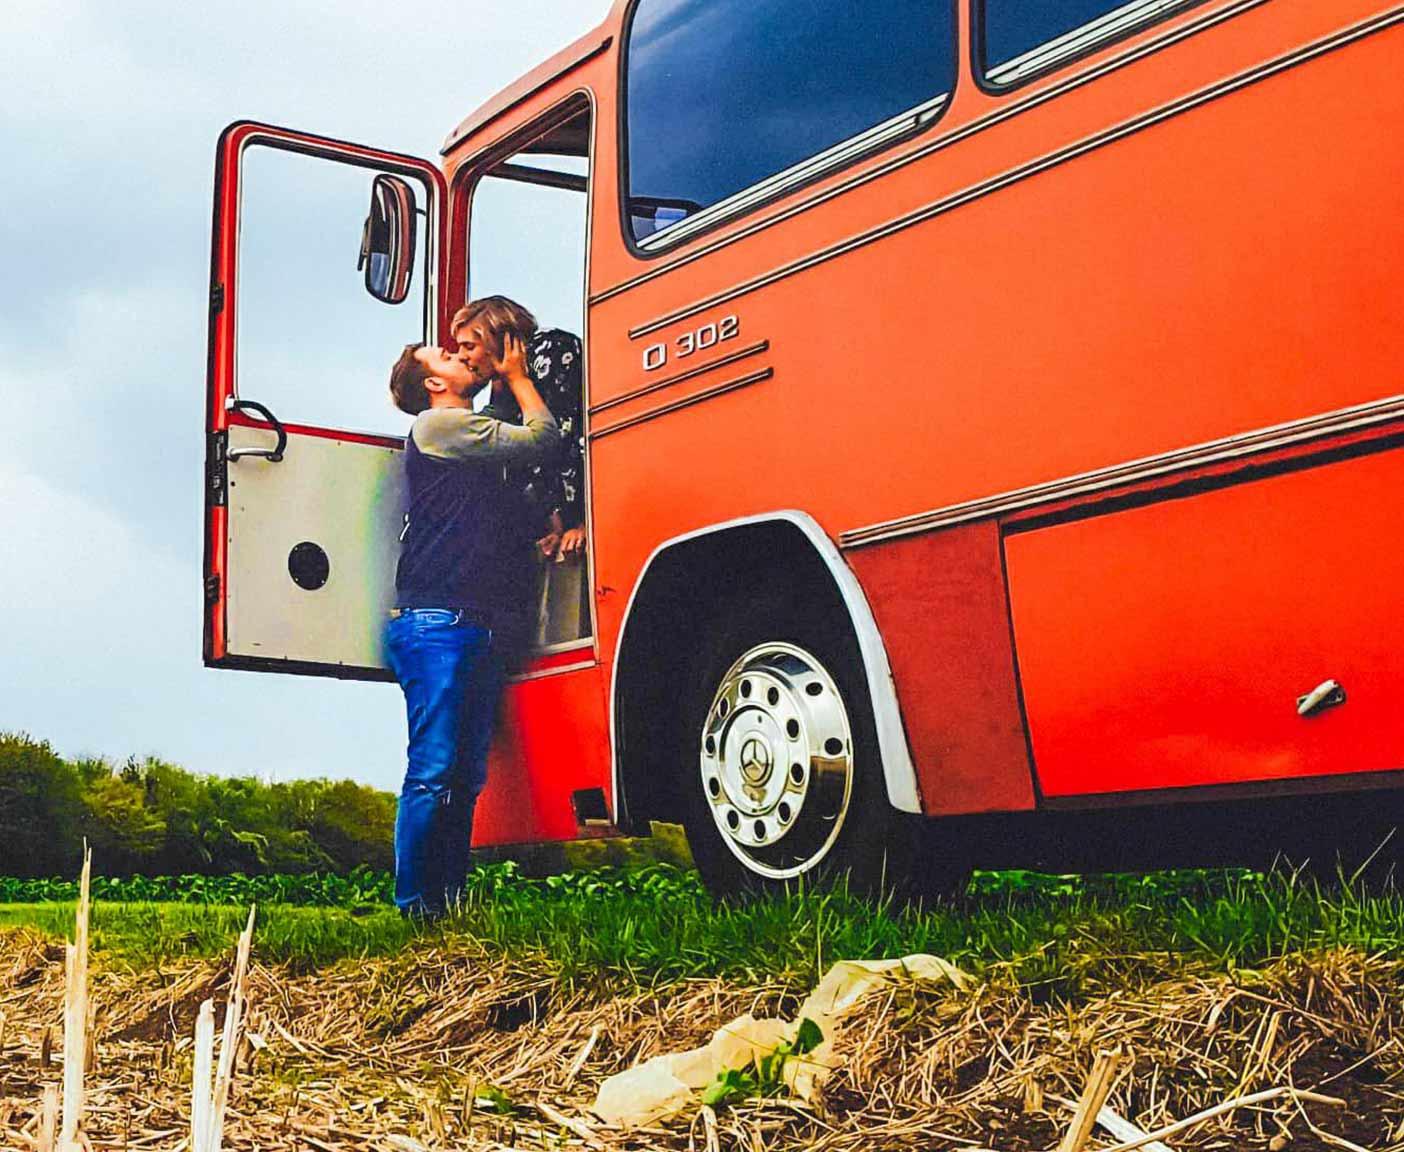 Mercedes-Benz-O302-kaufen-wiki-weltreise-bus-wohnmobil-80er